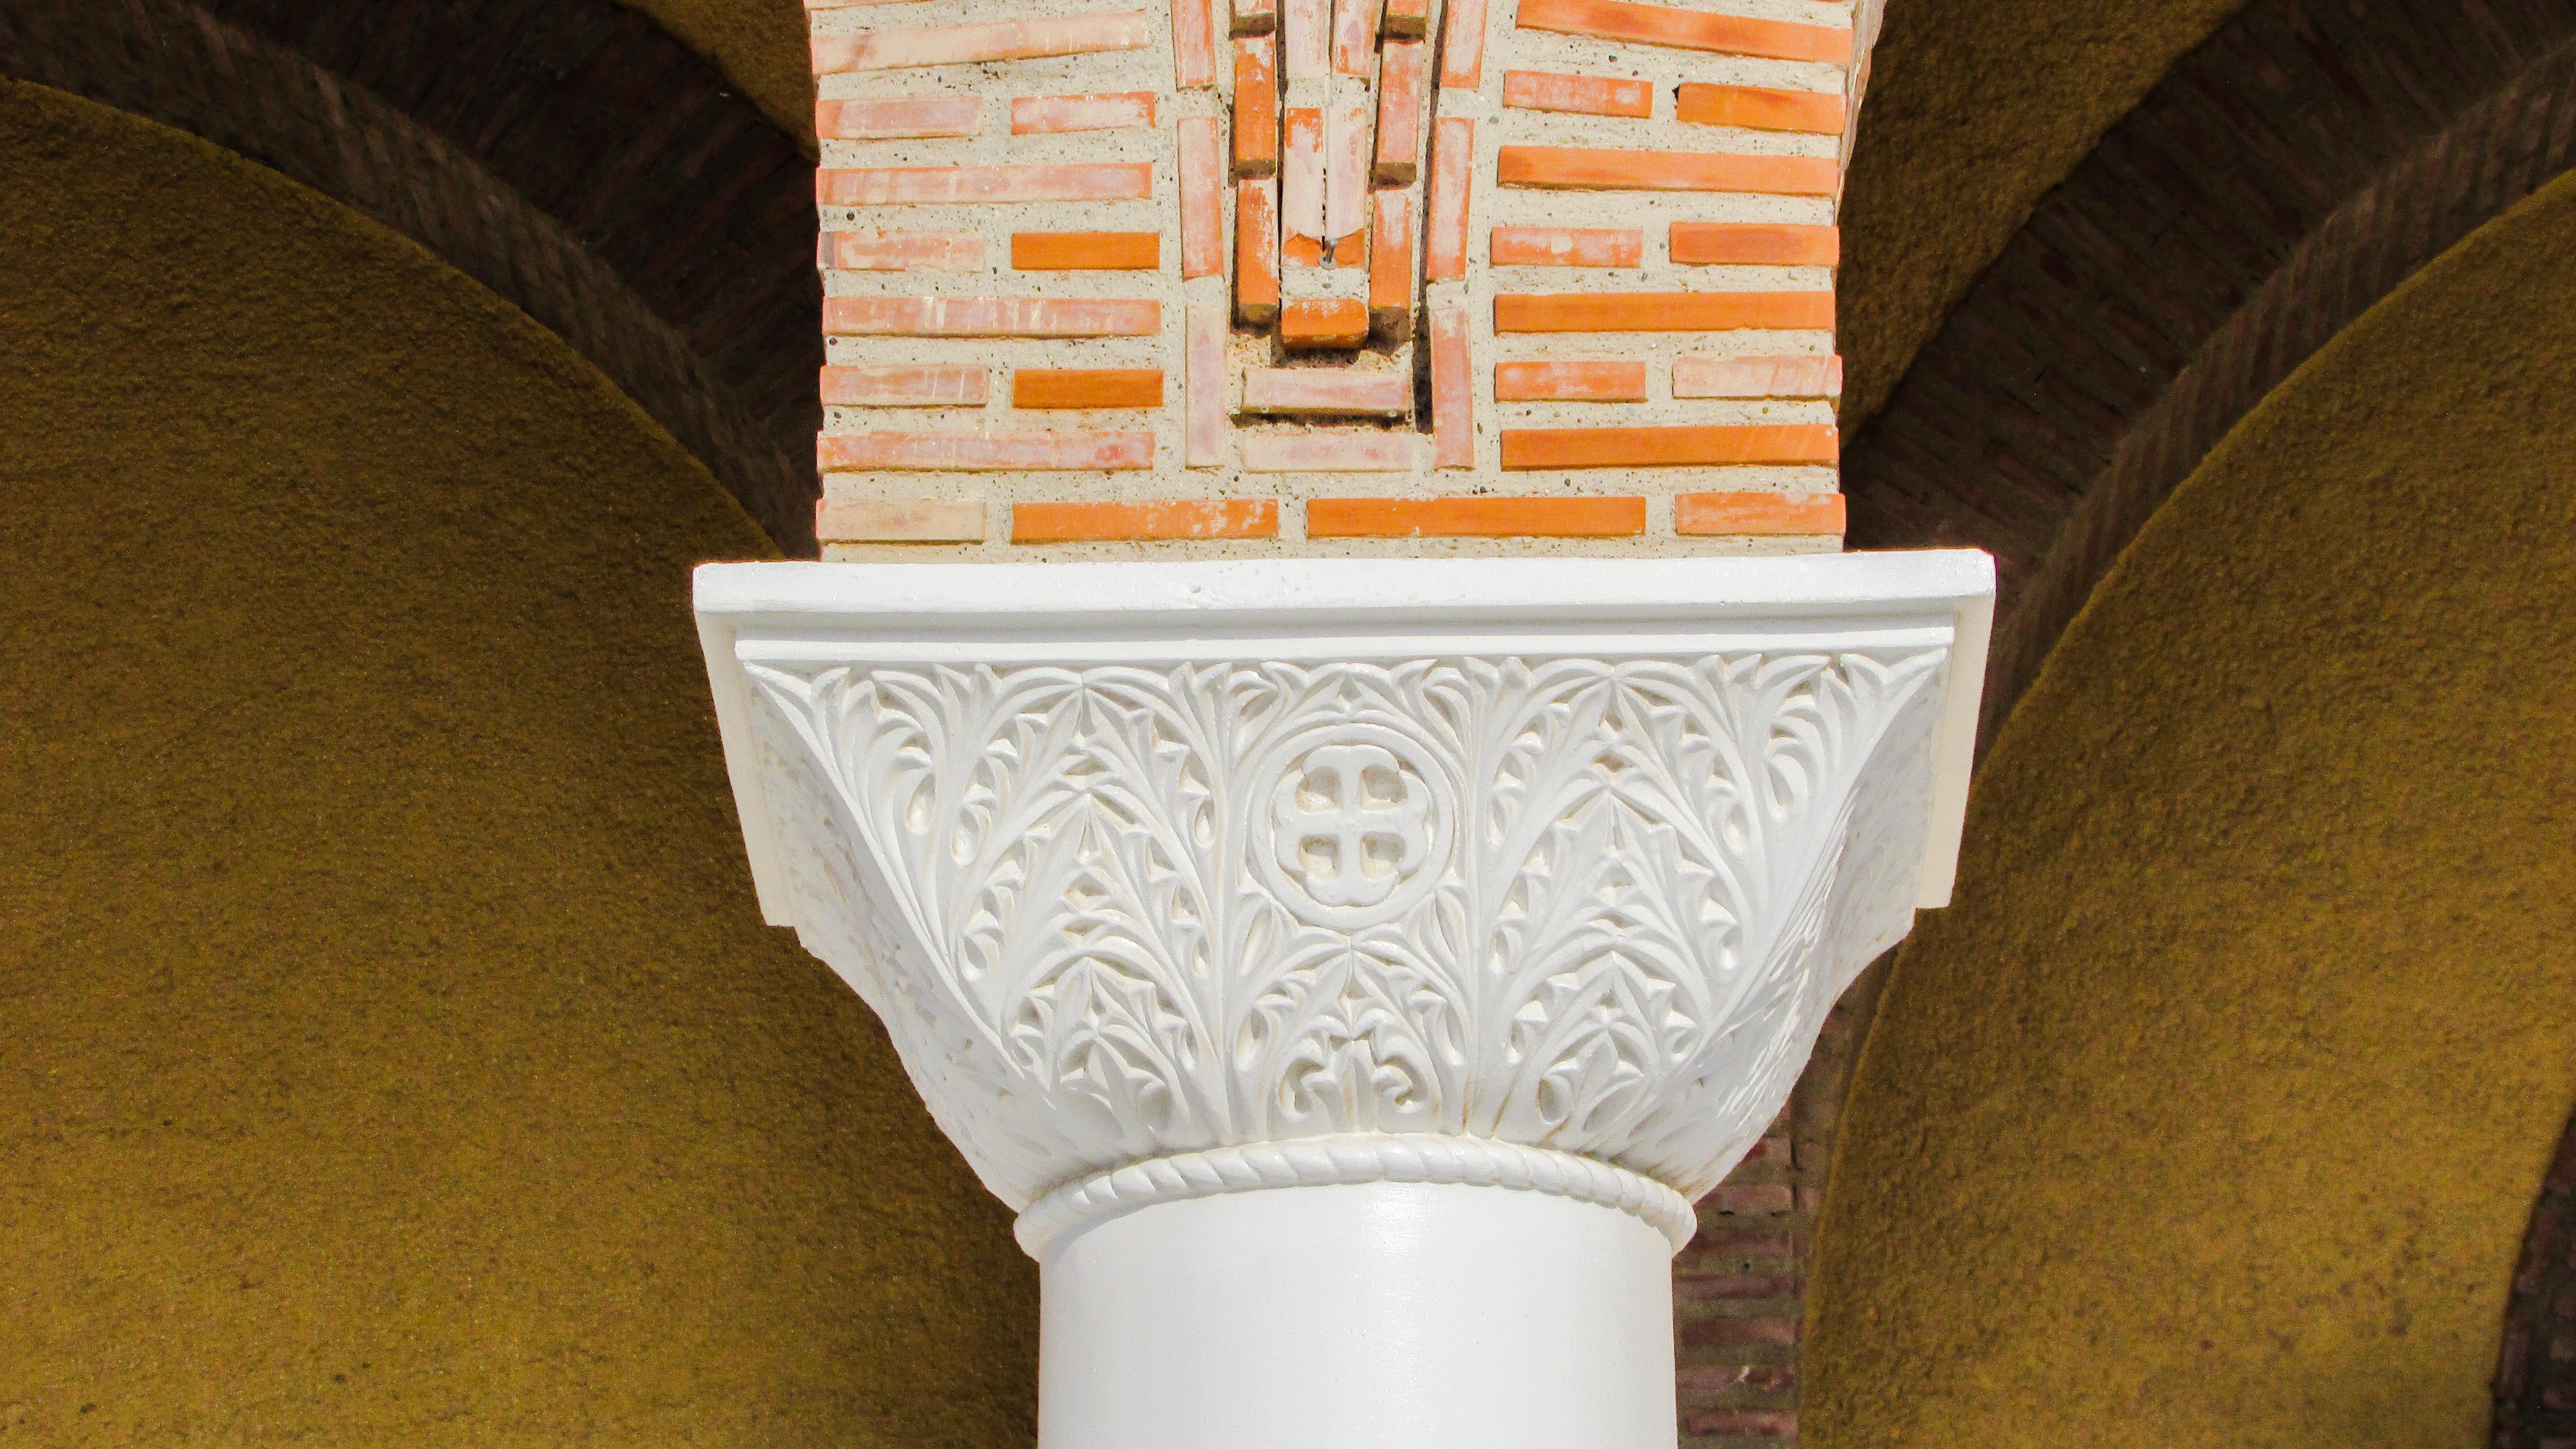 Images Gratuites Architecture Structure Bois Sol Plafond  # Image Meubles En Platre